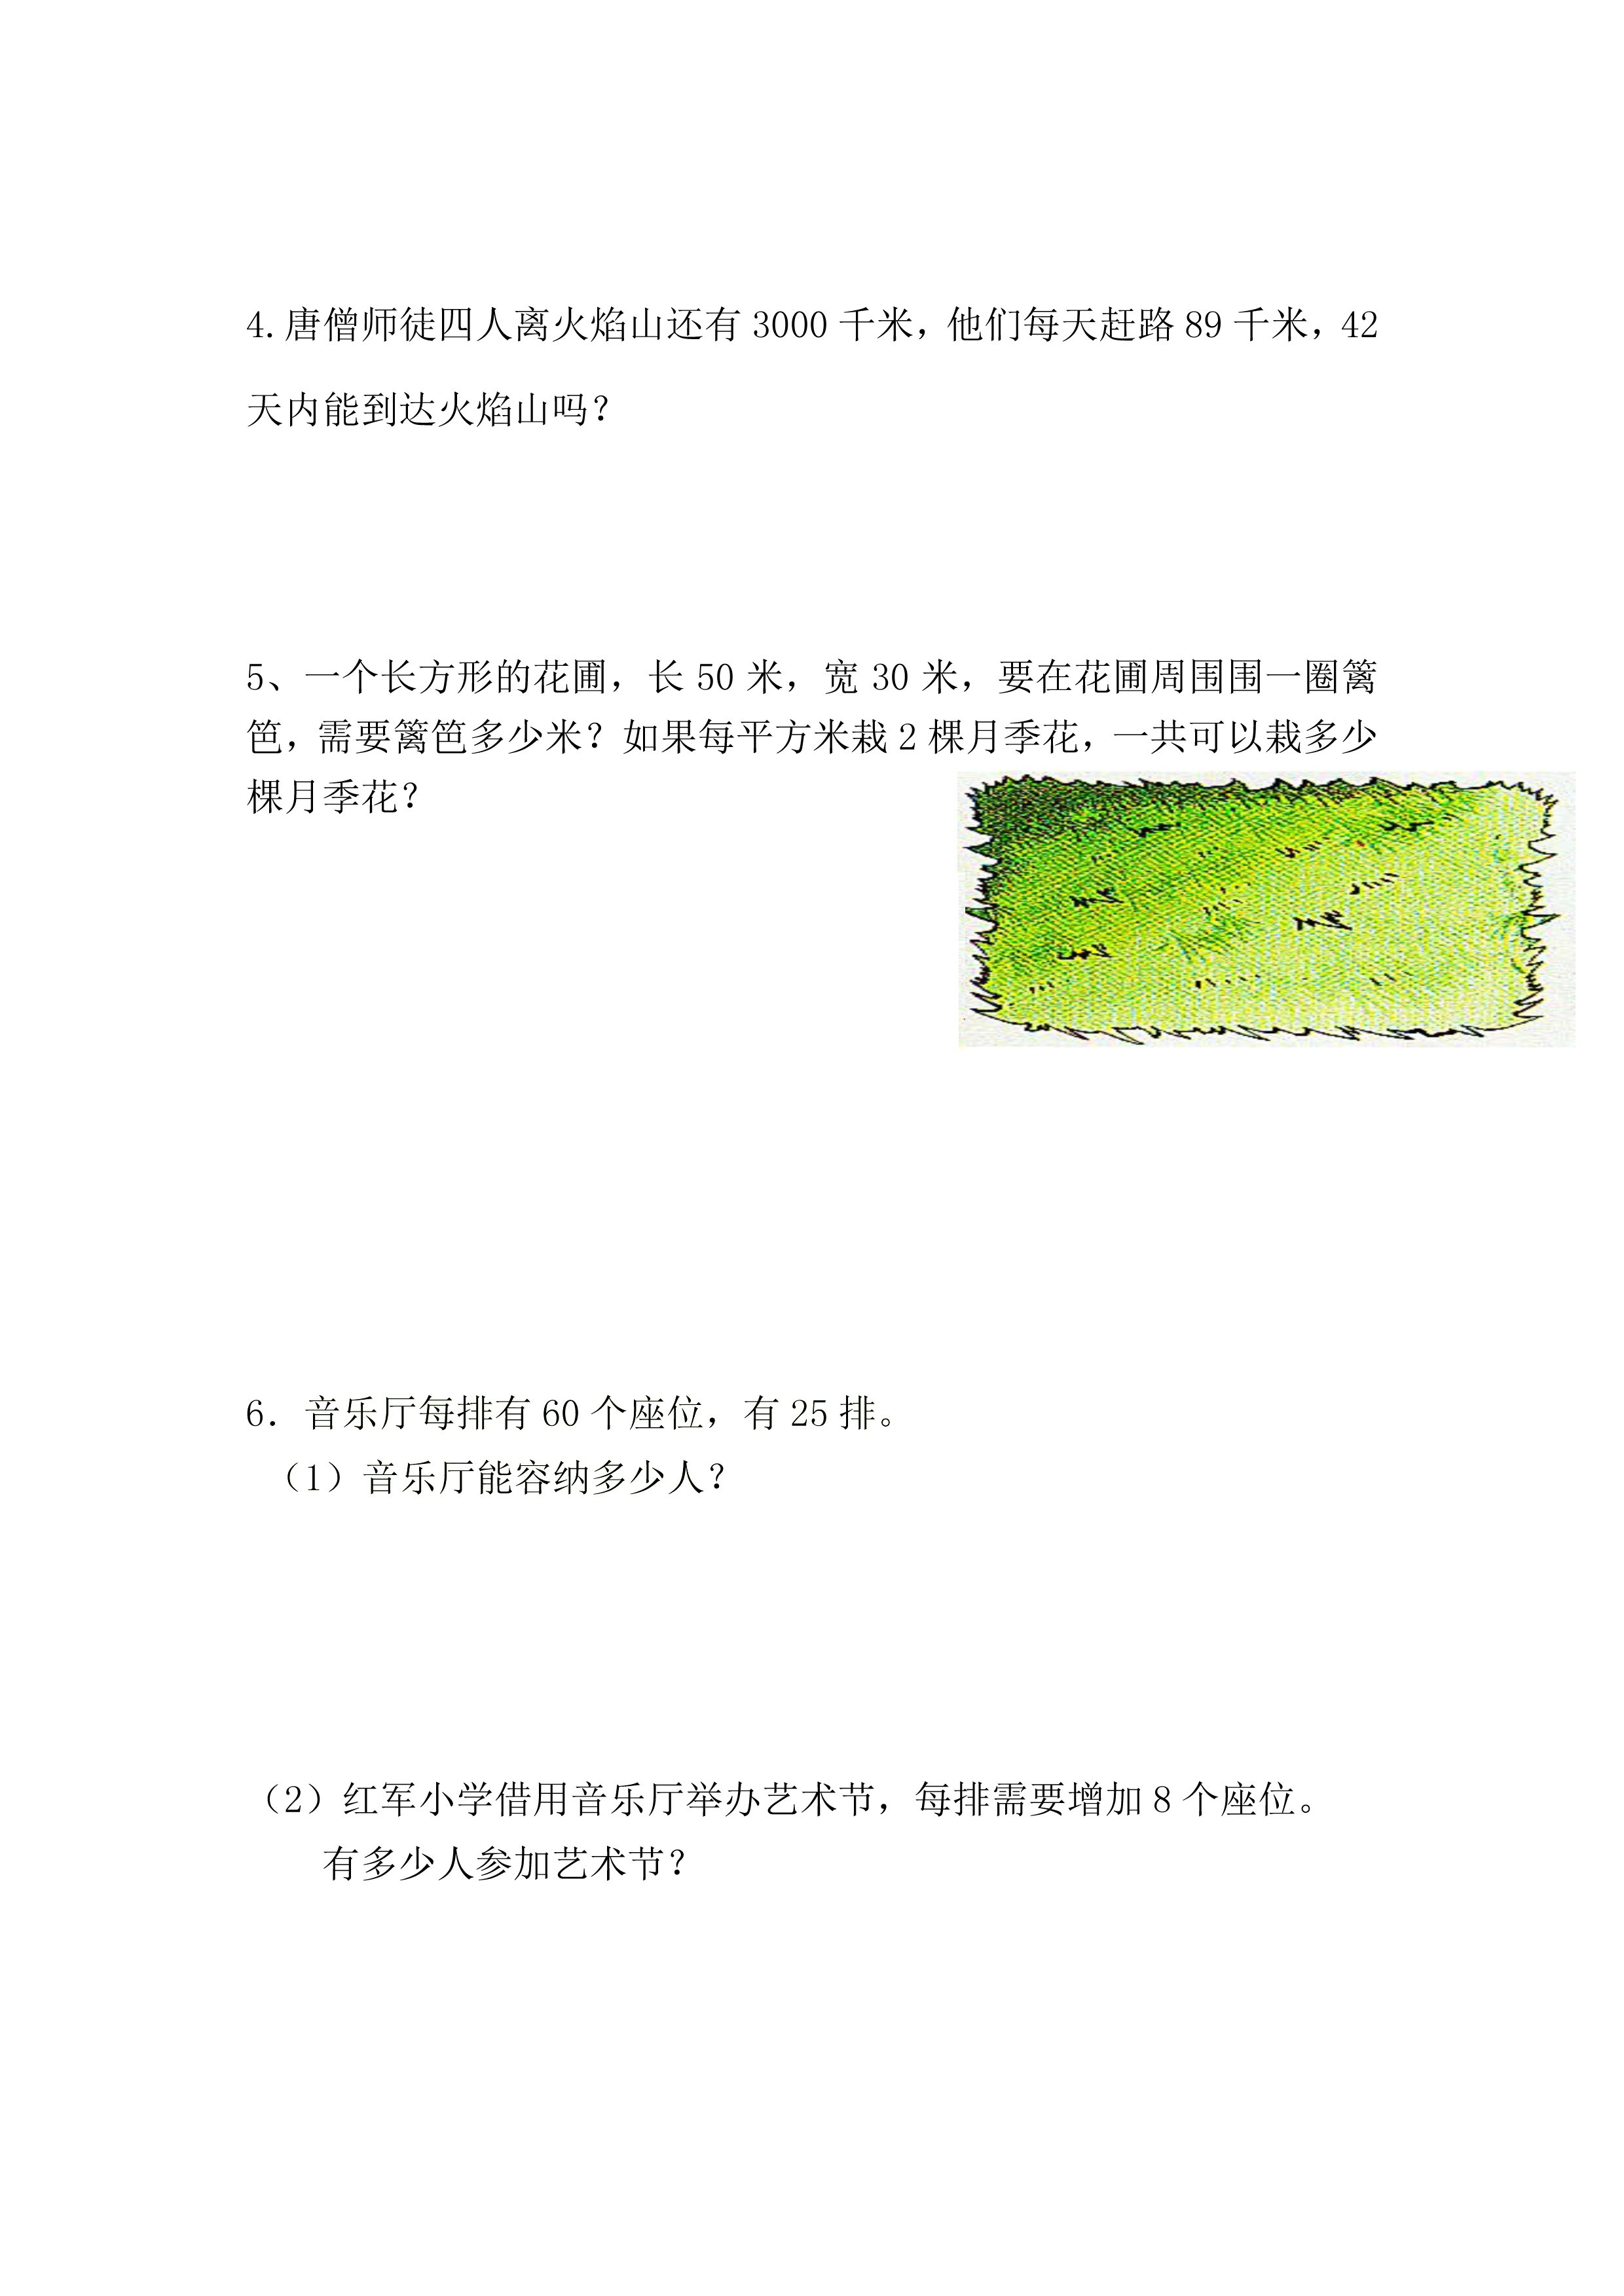 三年级下册数学期末教学质量检测-4.jpg